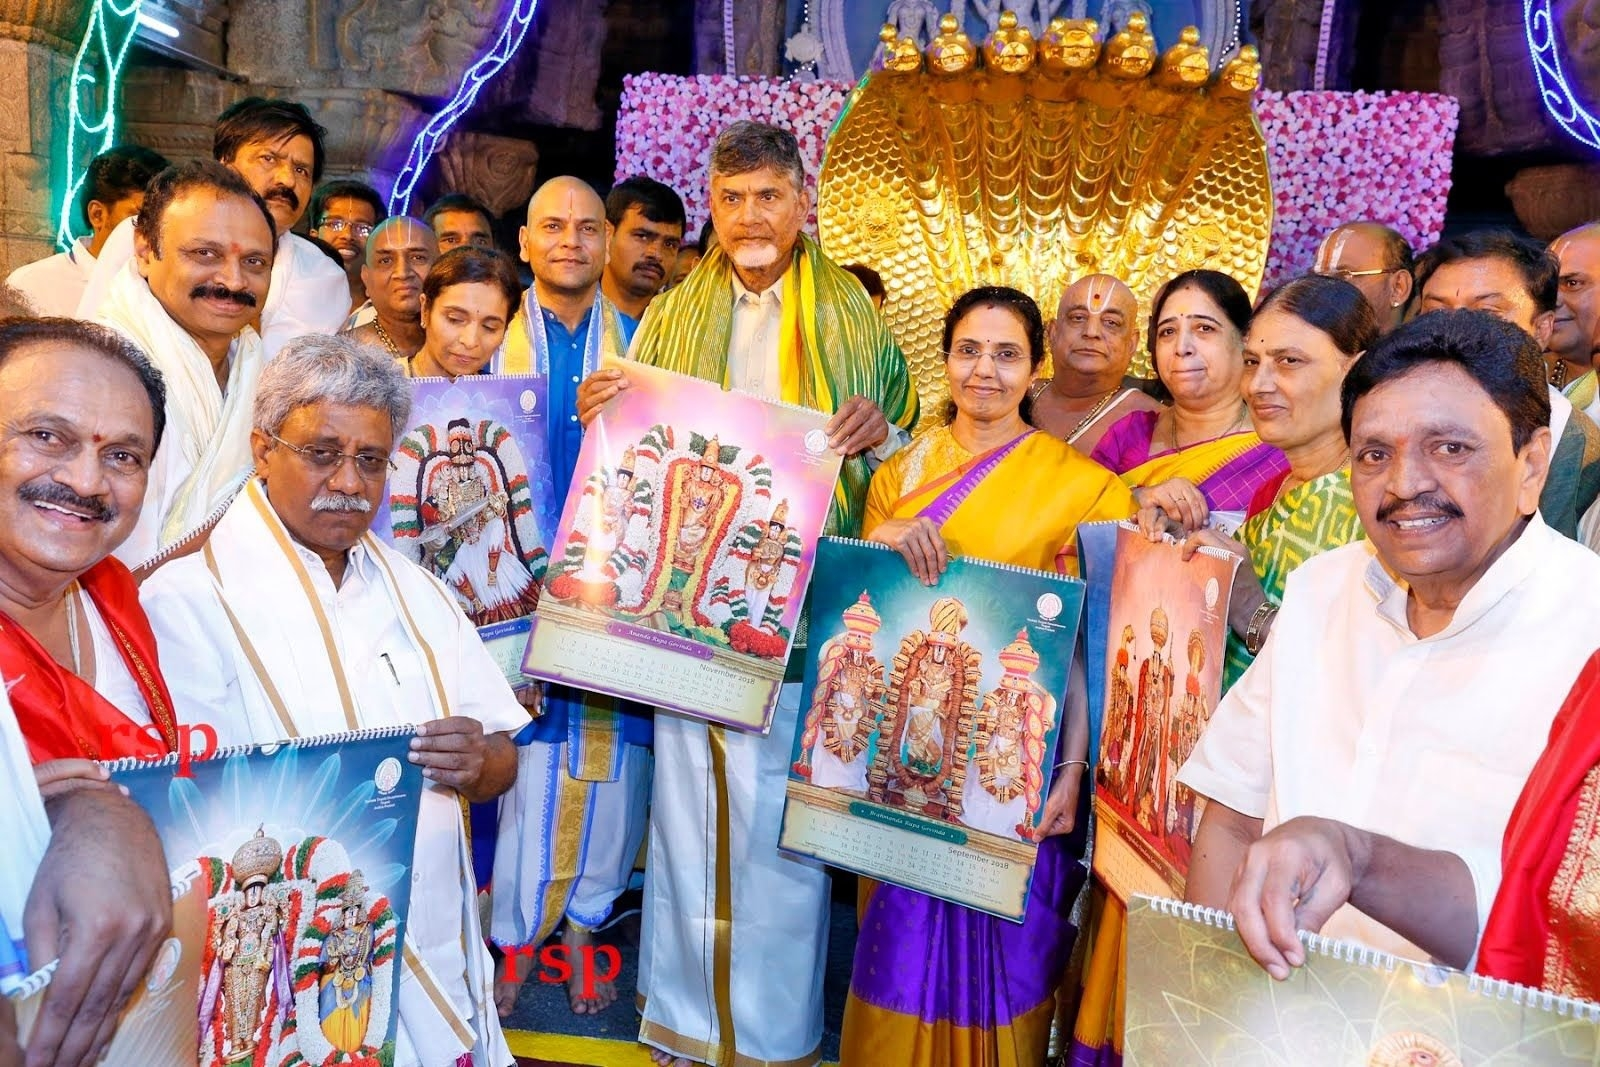 Chandrababu Naidu Launches Ttd 2019 Diaries And Calendars T T D Calendar 2019